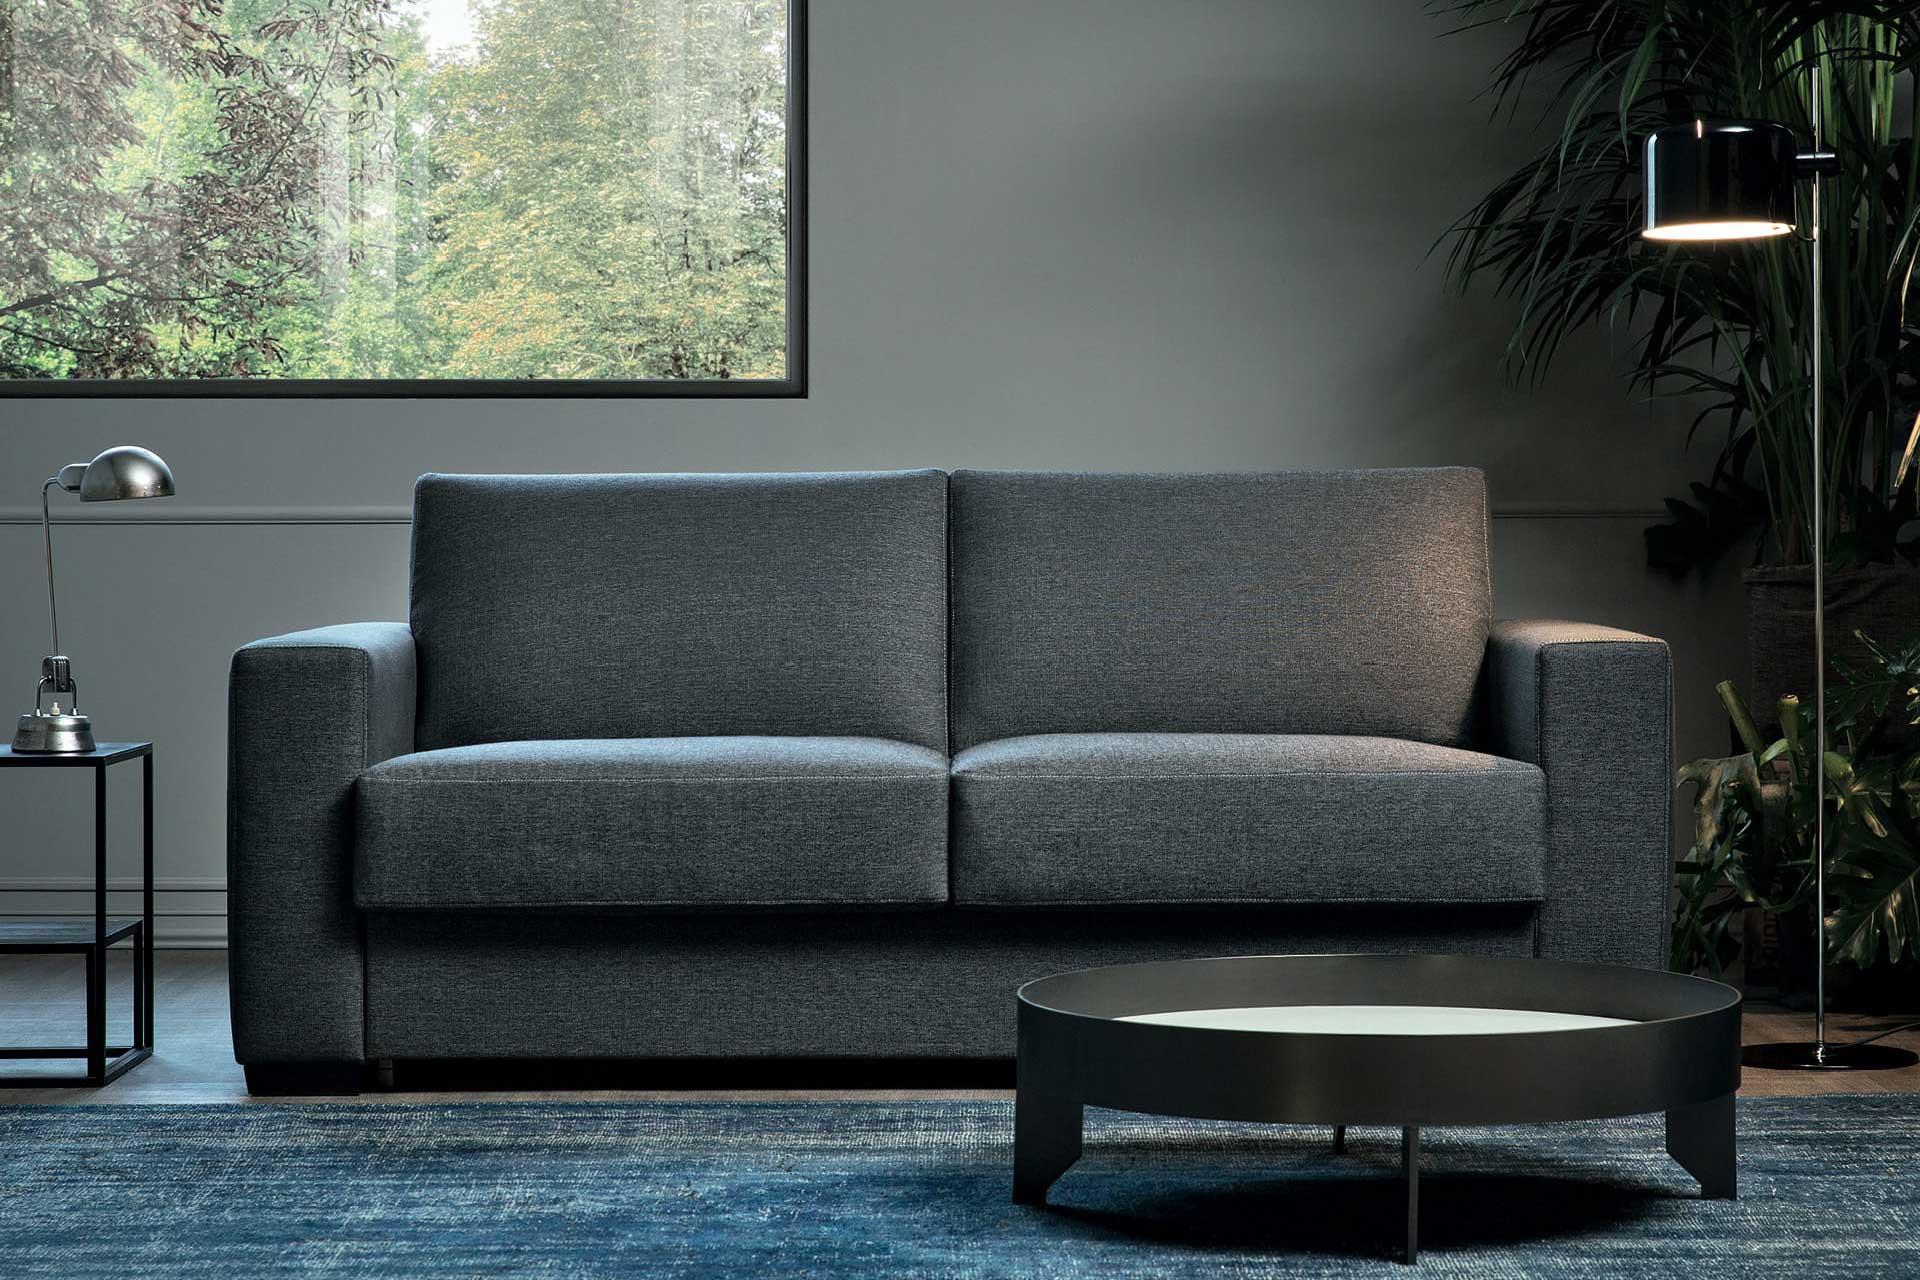 Magnum, Dauerschläfer-Sofa für den täglichen Gebrauch